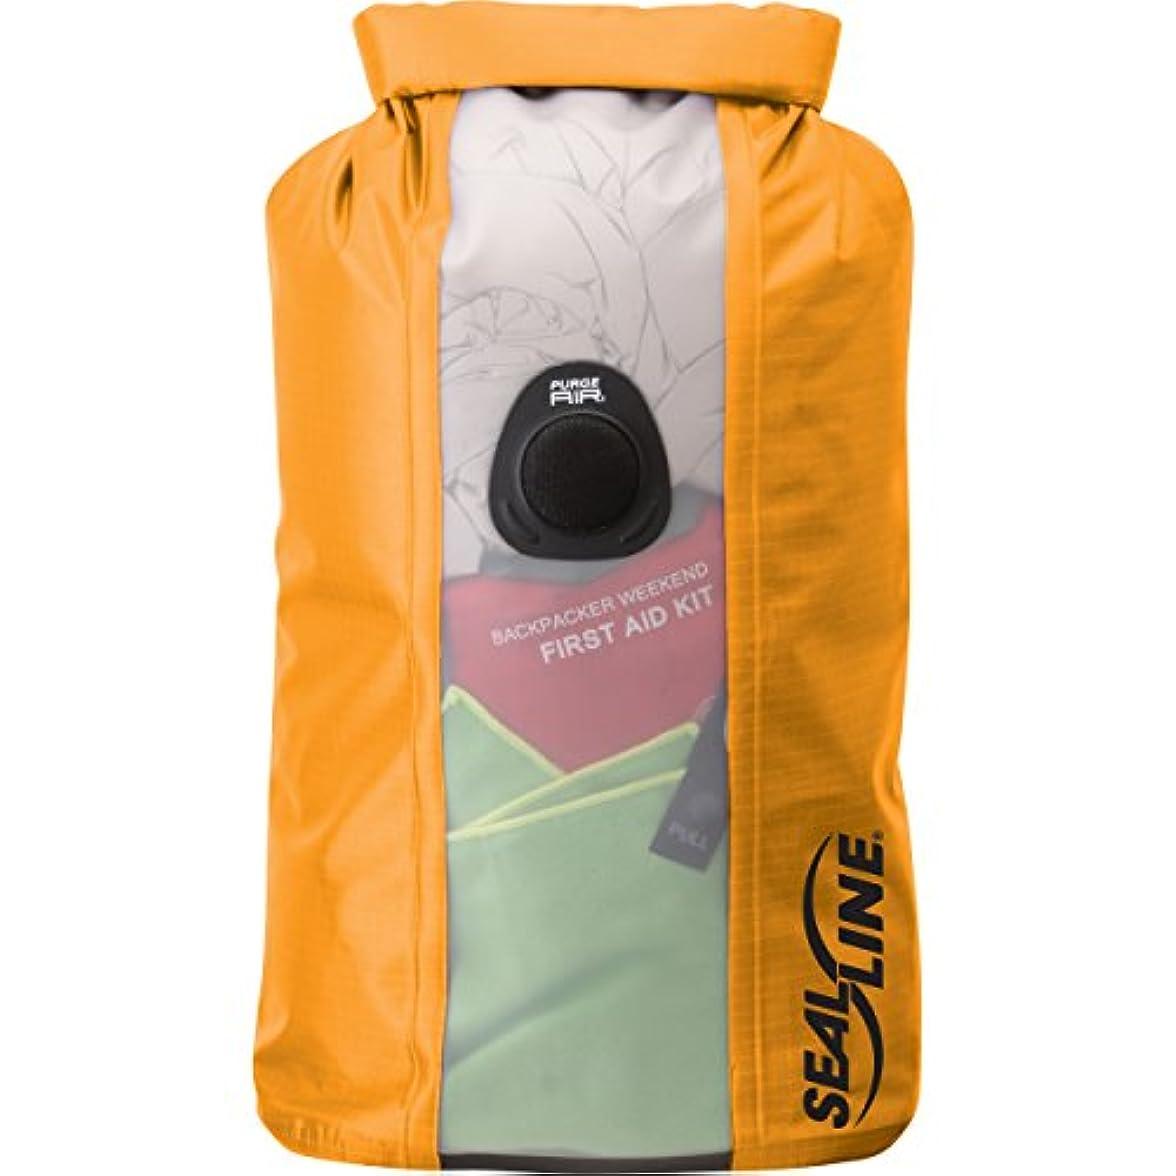 最大の大気スキャンダルSealLine(シールライン) アウトドア 防水バッグ バルクヘッドビュードライバッグ 30L オレンジ 32017